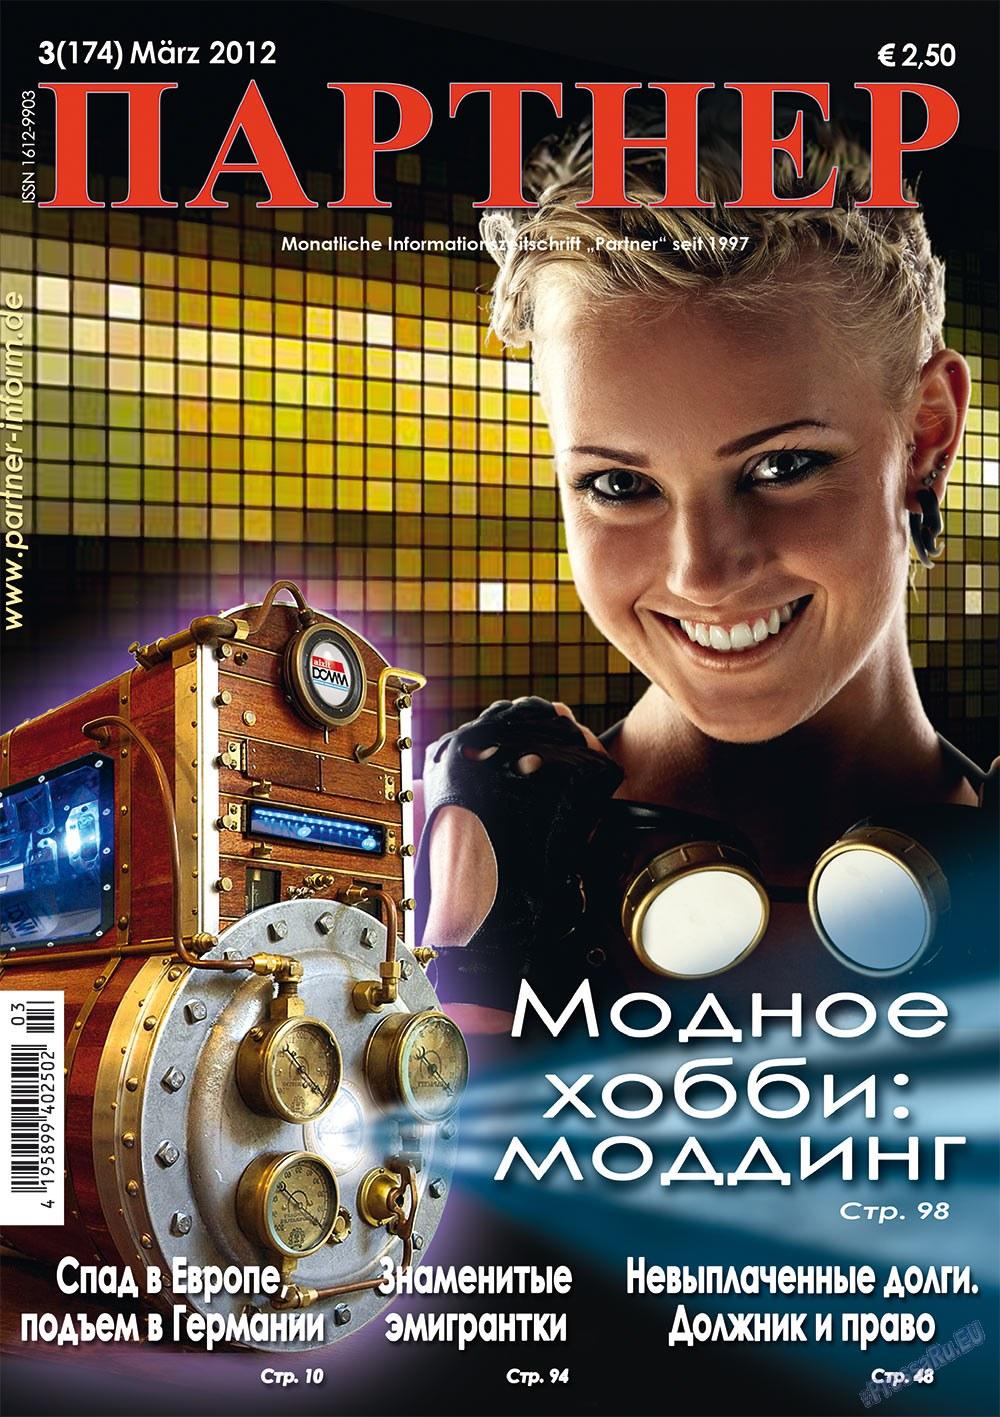 Партнер (журнал). 2012 год, номер 3, стр. 1